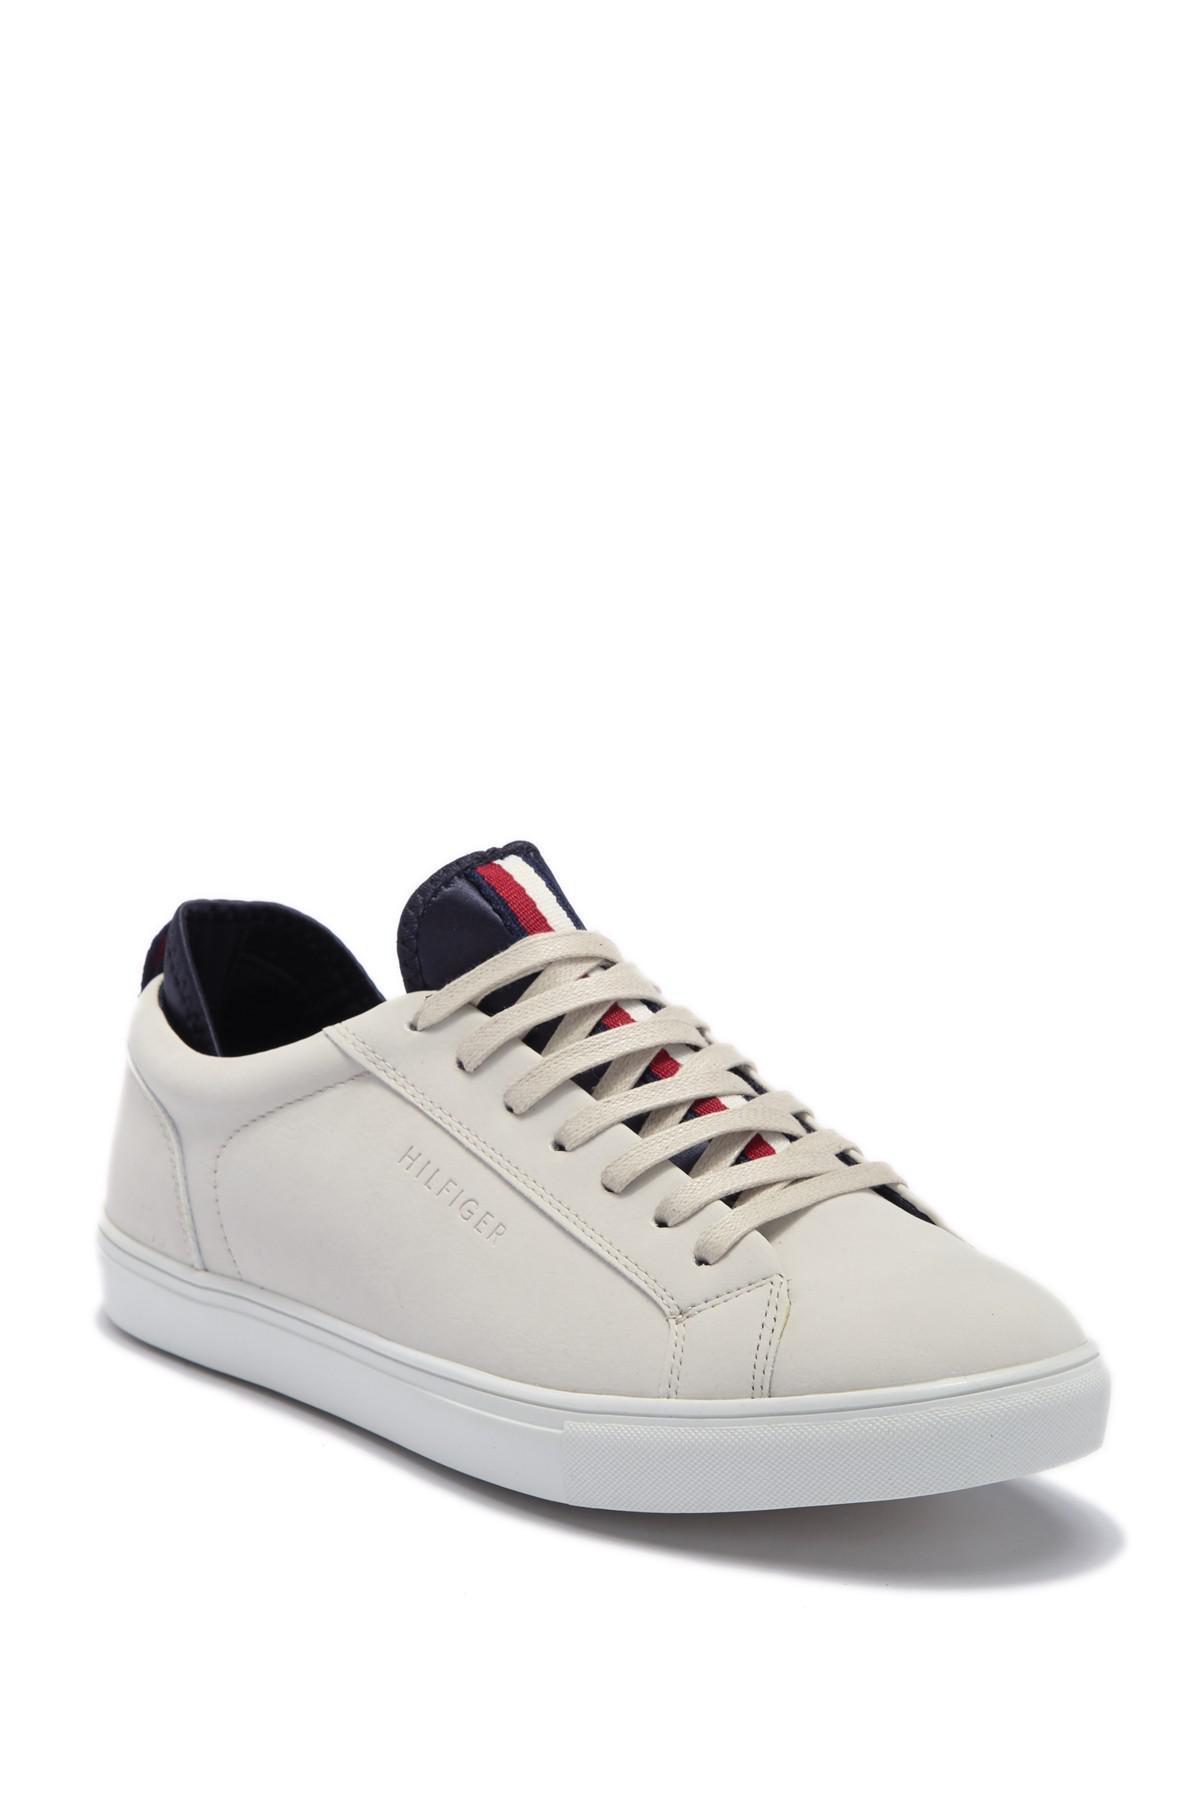 4d7b665d04eda Lyst - Tommy Hilfiger Mcneil Sneaker for Men